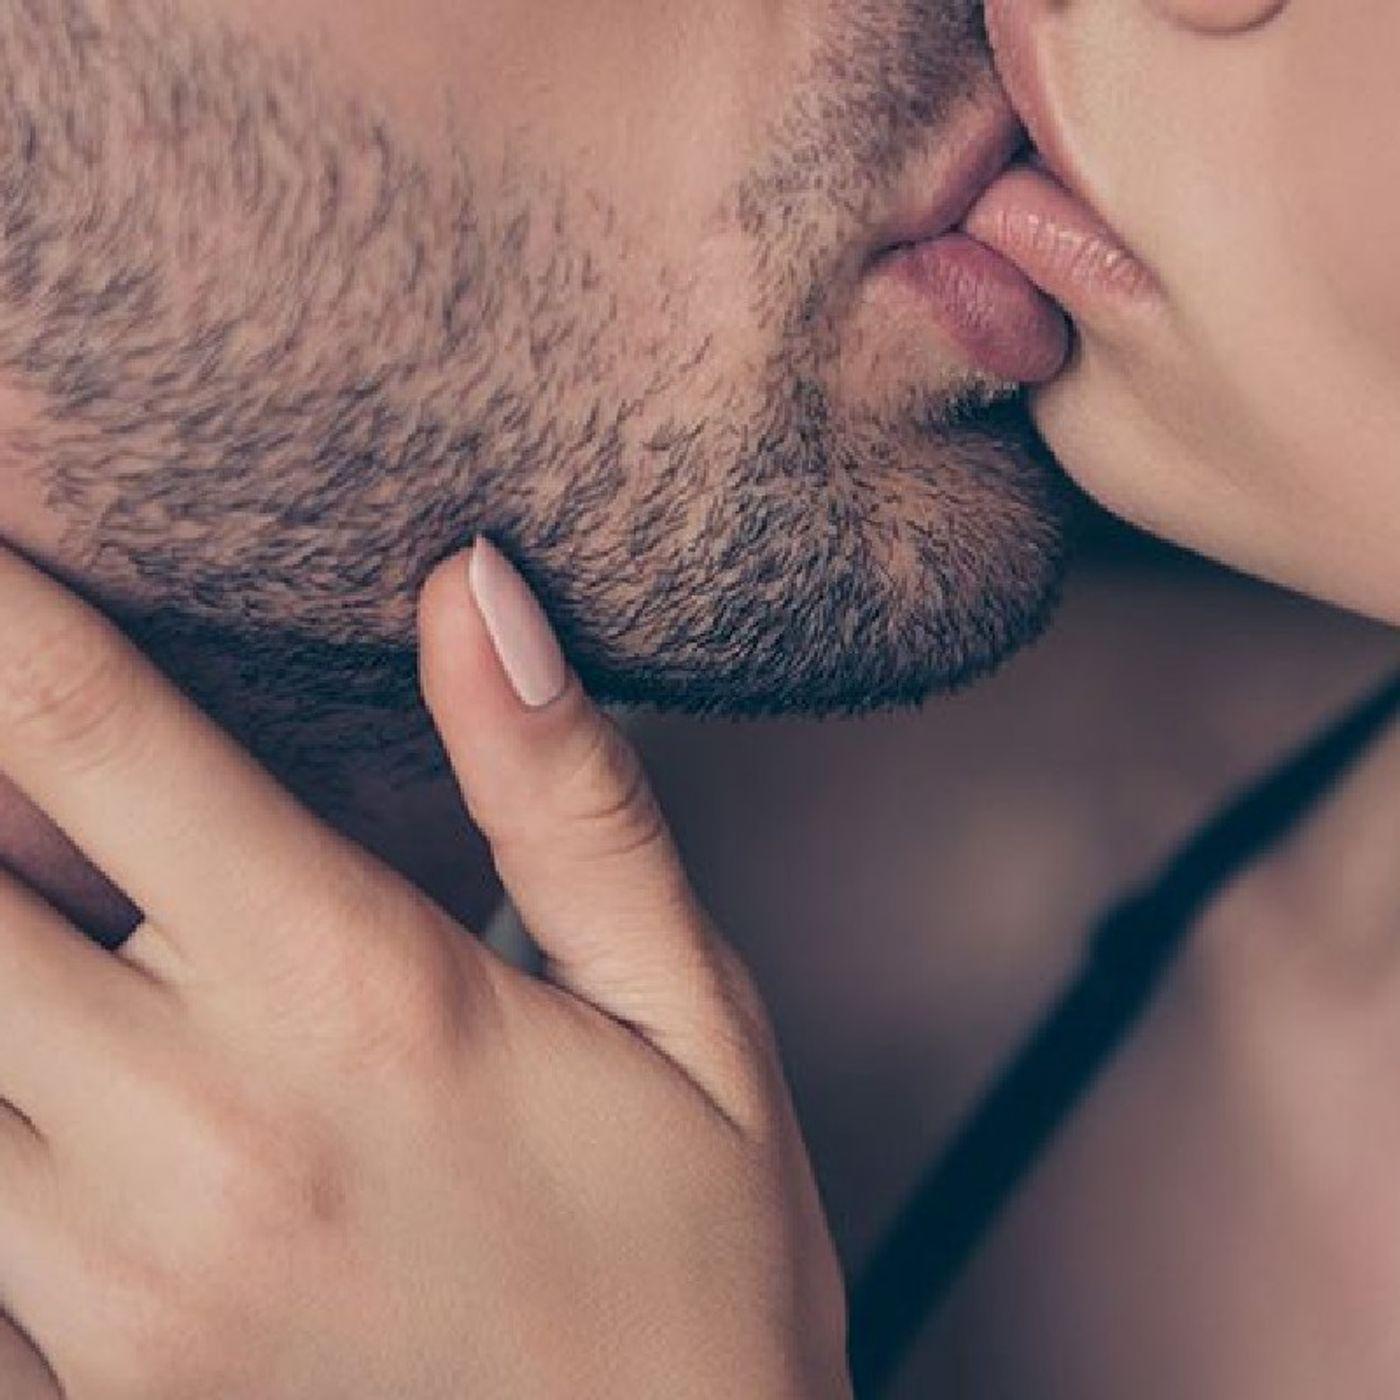 Episodio 3 - Poesie d'amore recitate : il nostro amore è chiaramente uno dei più belli al mondo